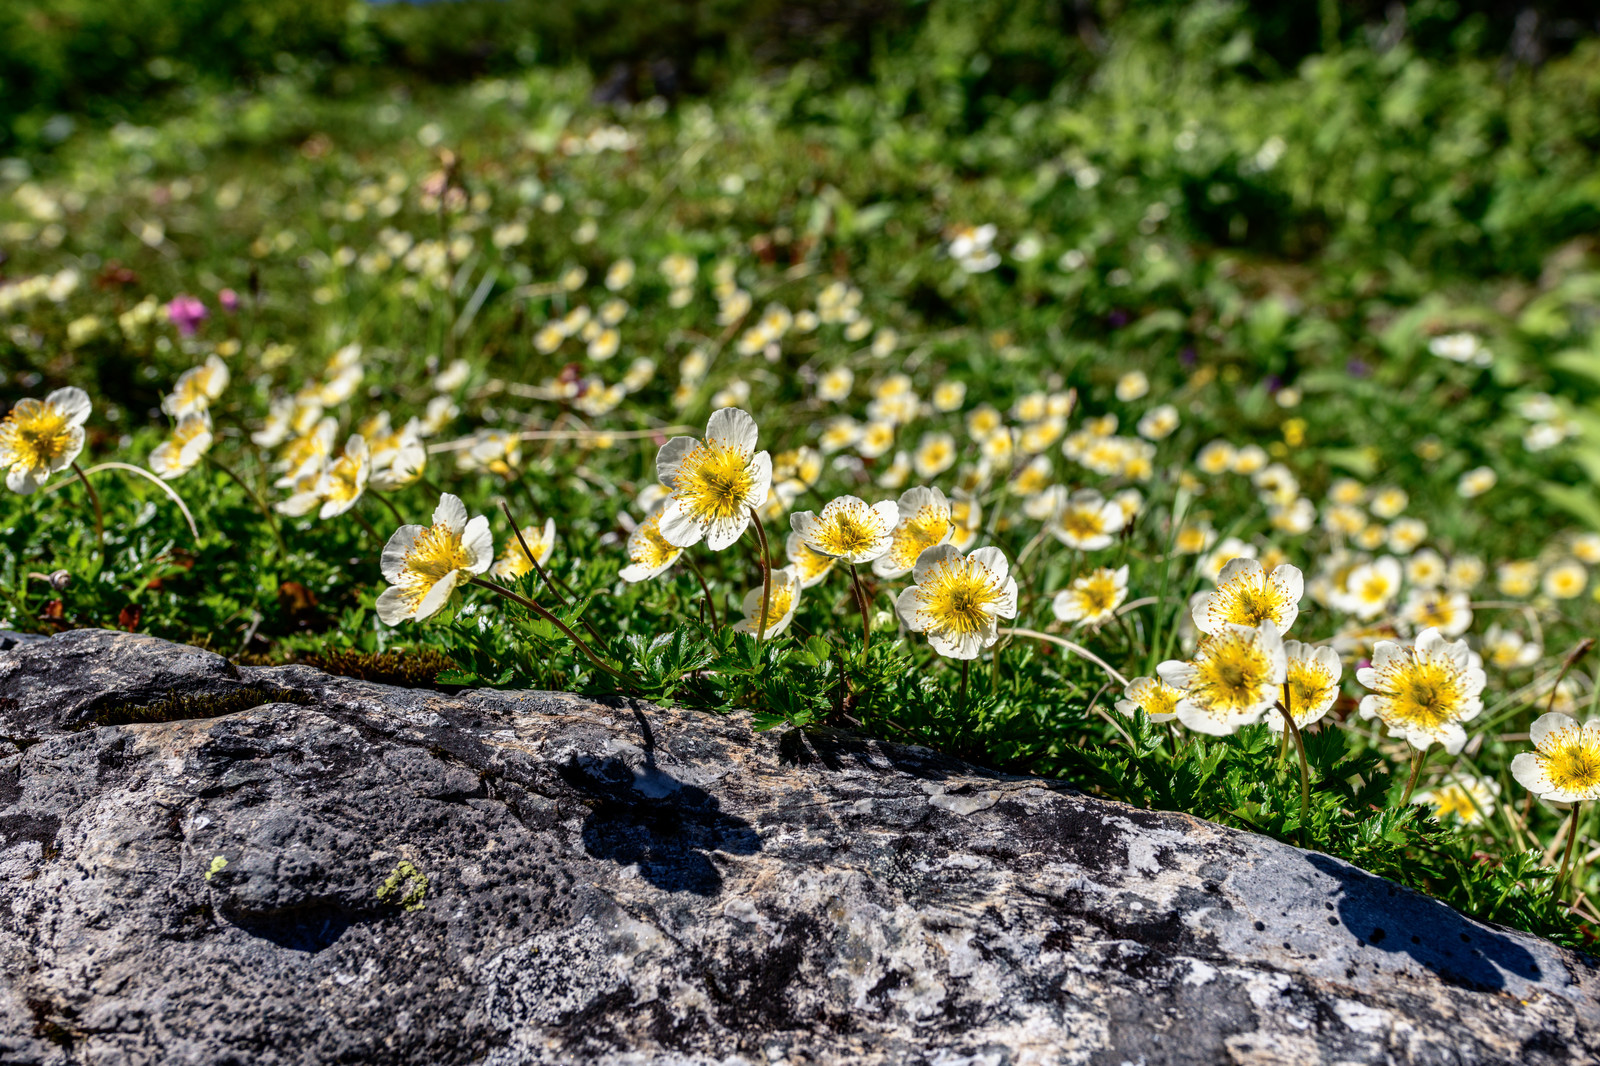 「チングルマの群生(高山植物)」の写真